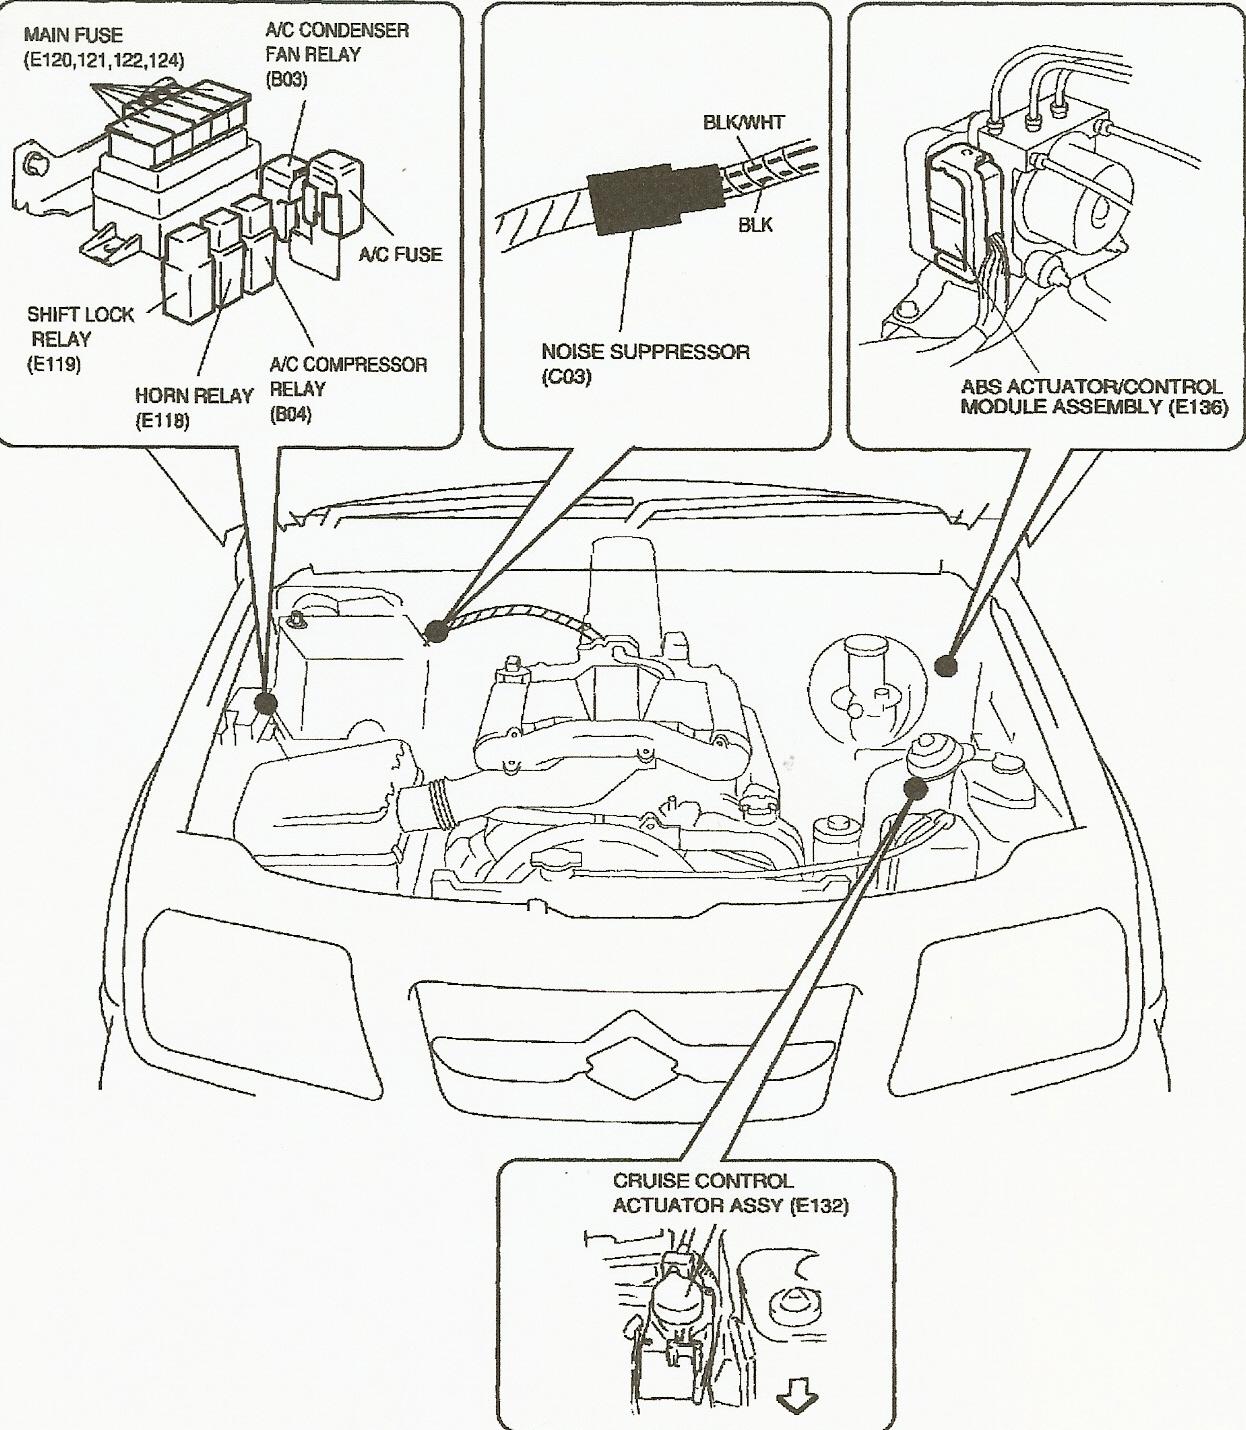 Suzuki xl7 serpentine belt diagram as well 2005 suzuki xl7 fuse box diagram besides 2000 suzuki